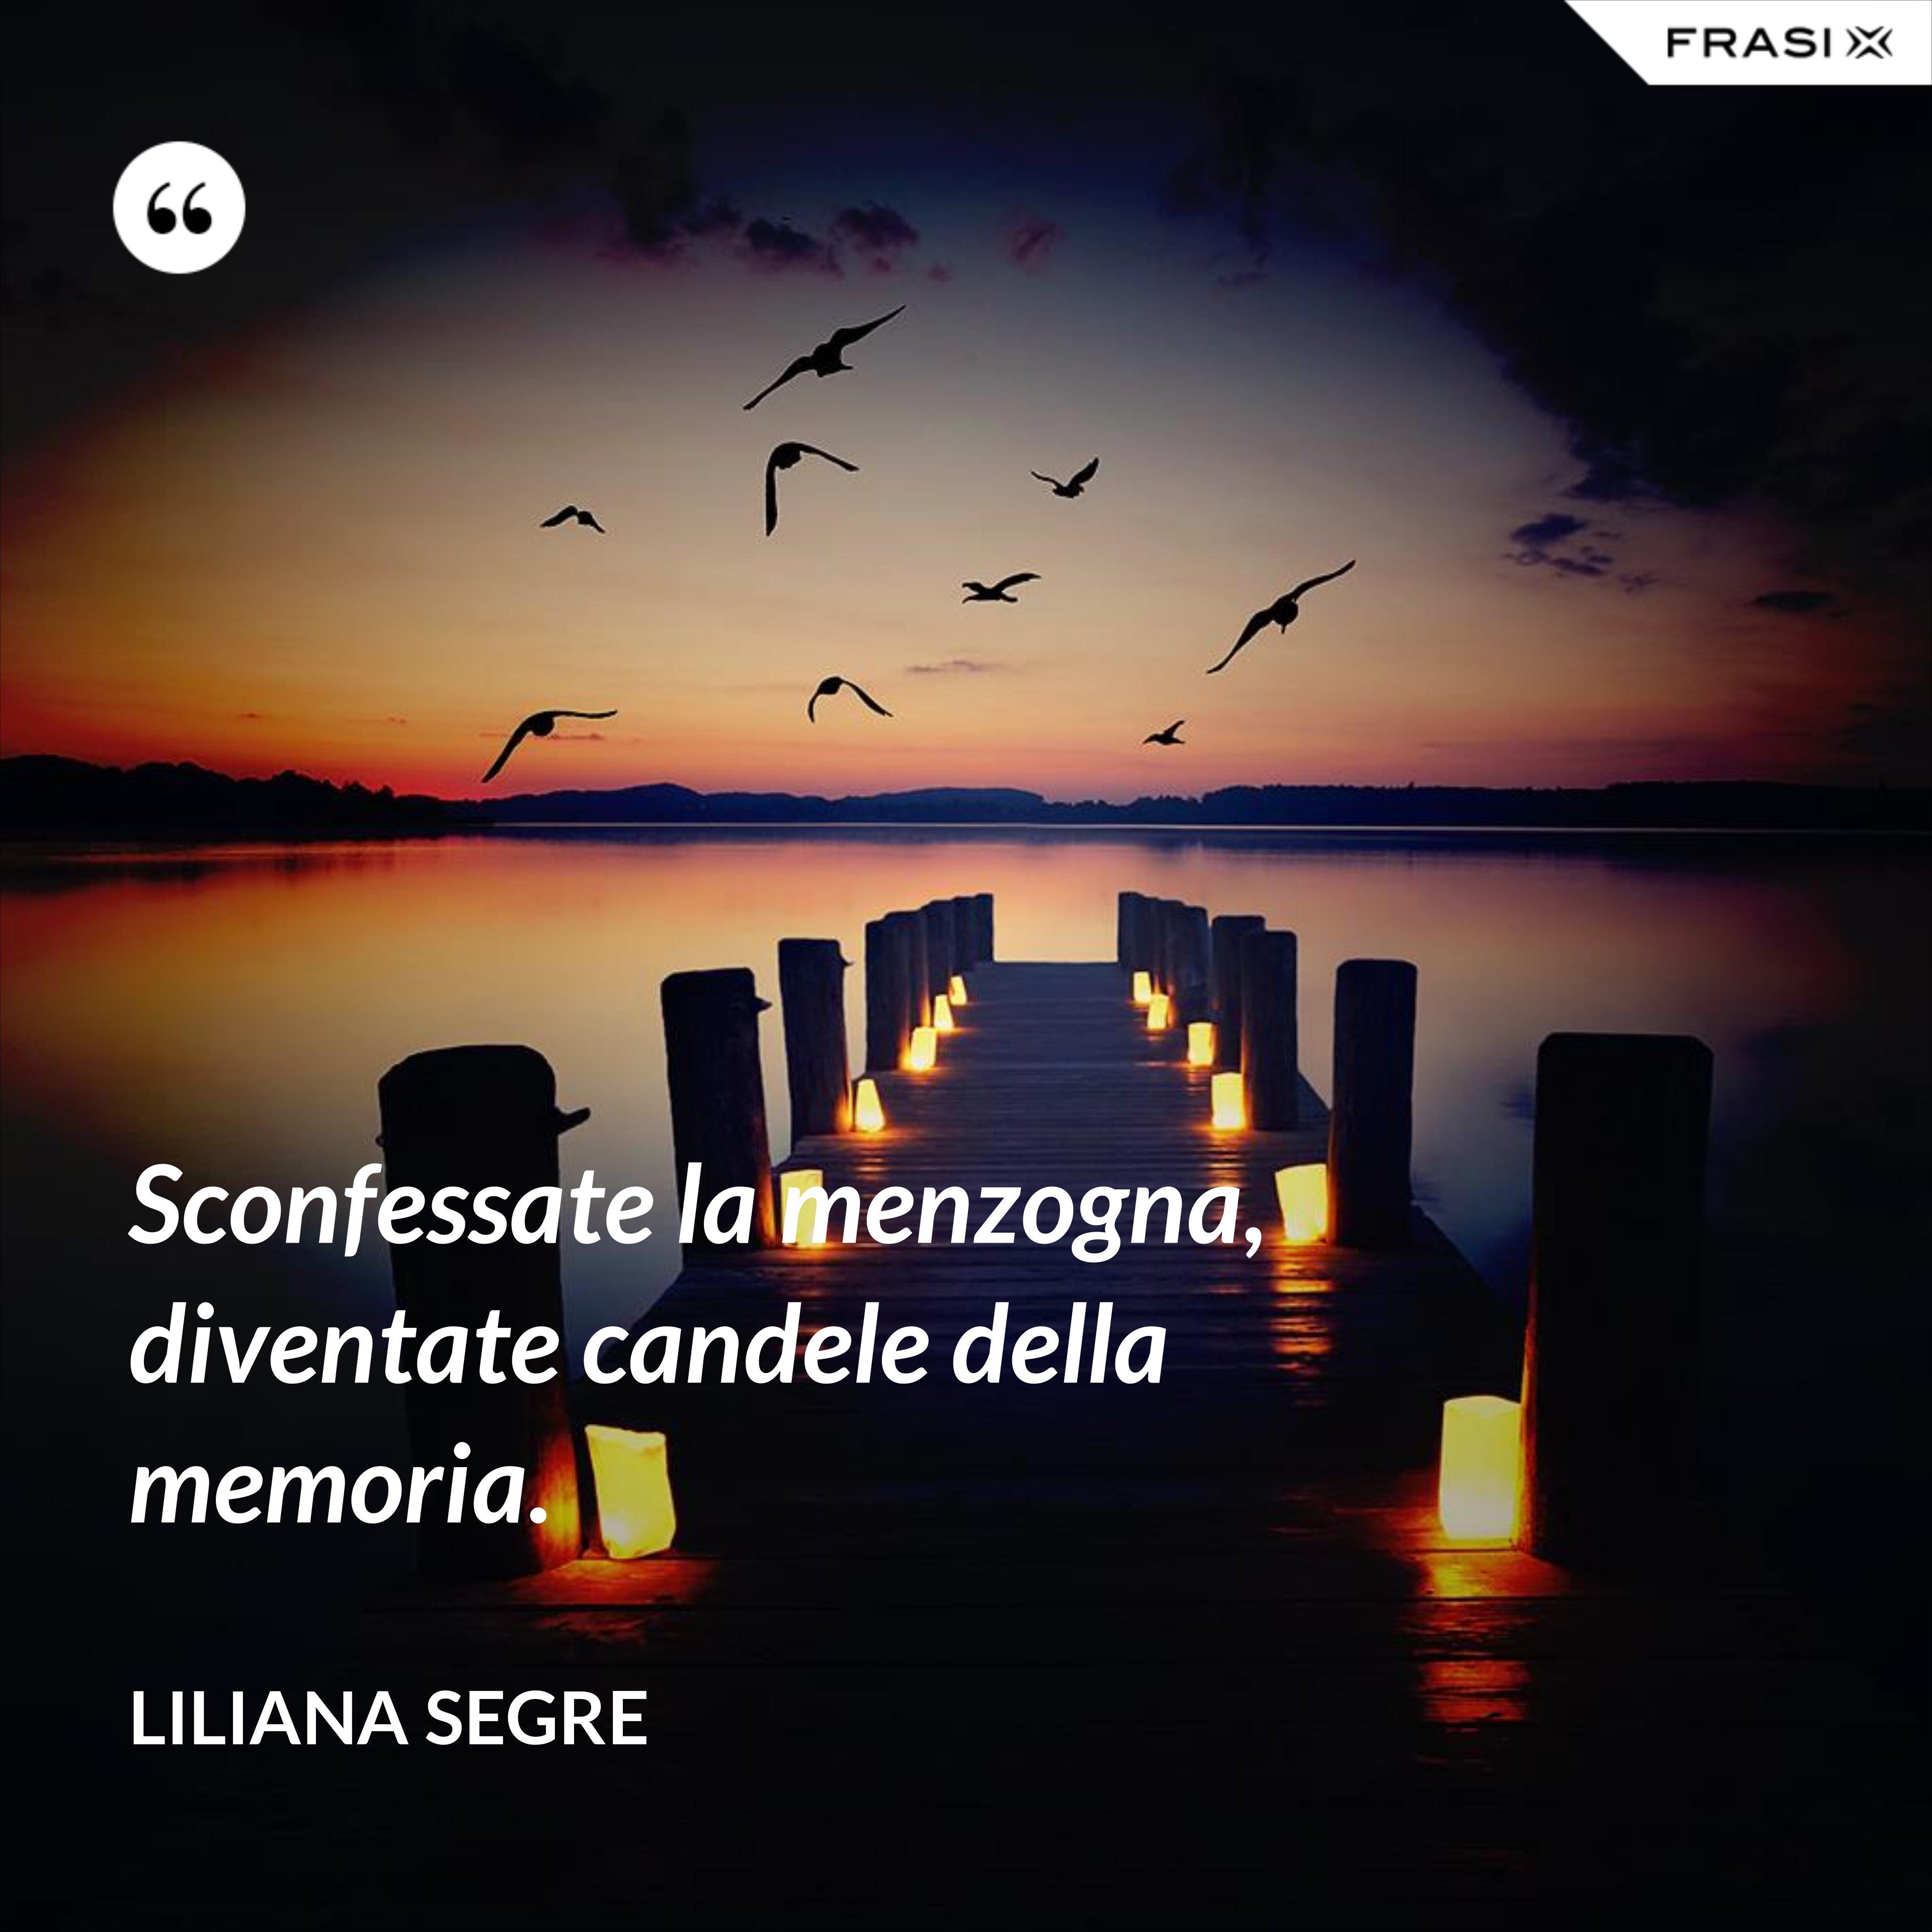 Sconfessate la menzogna, diventate candele della memoria. - Liliana Segre